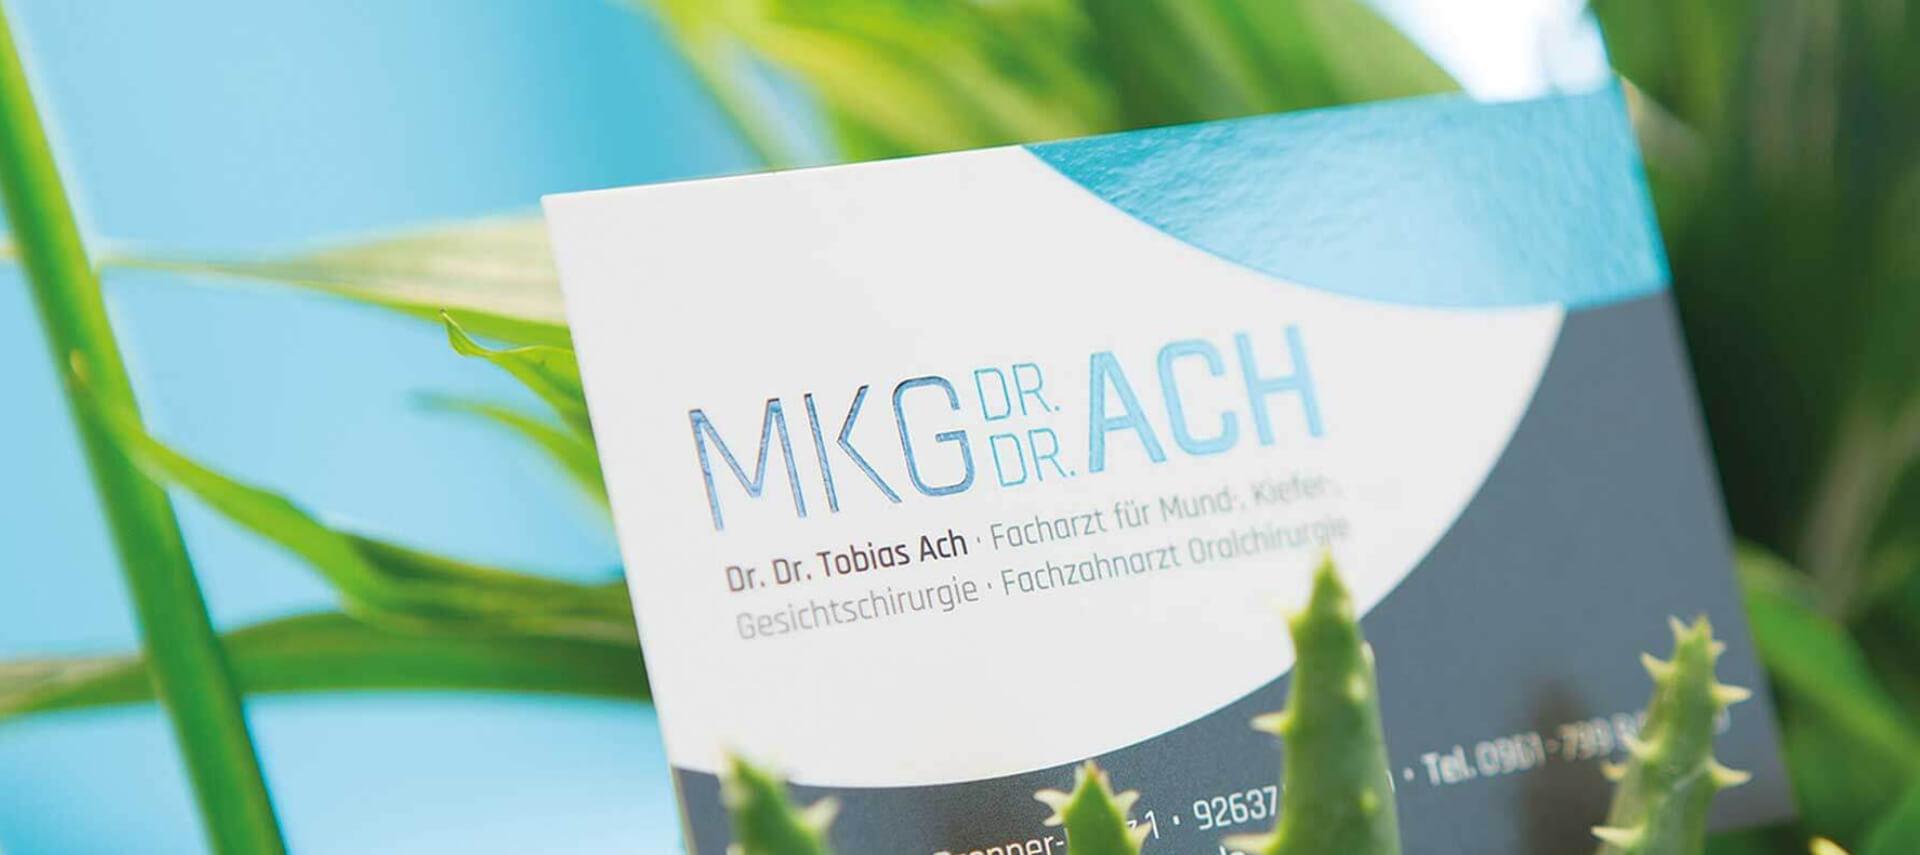 MKG Chirurgie Weiden Visitenkarte